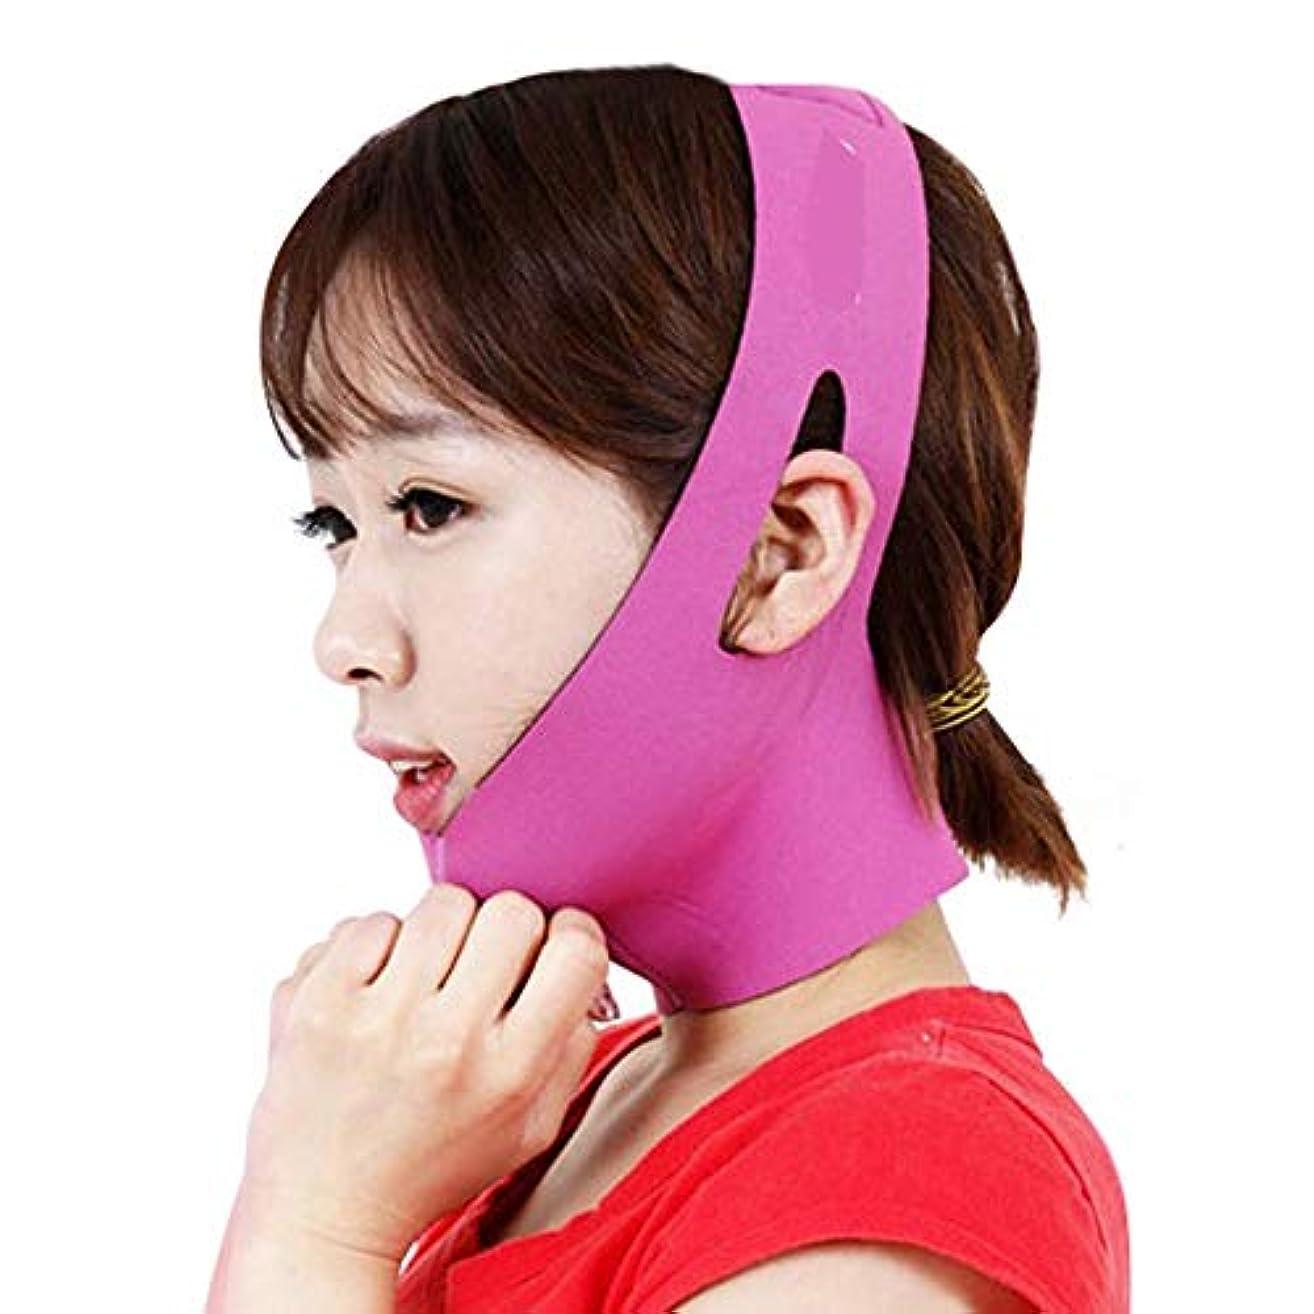 フェイシャルリフティング痩身ベルト圧縮二重あご減量ベルトスキンケア薄い顔包帯二重あごワークアウト (色 : Pink)